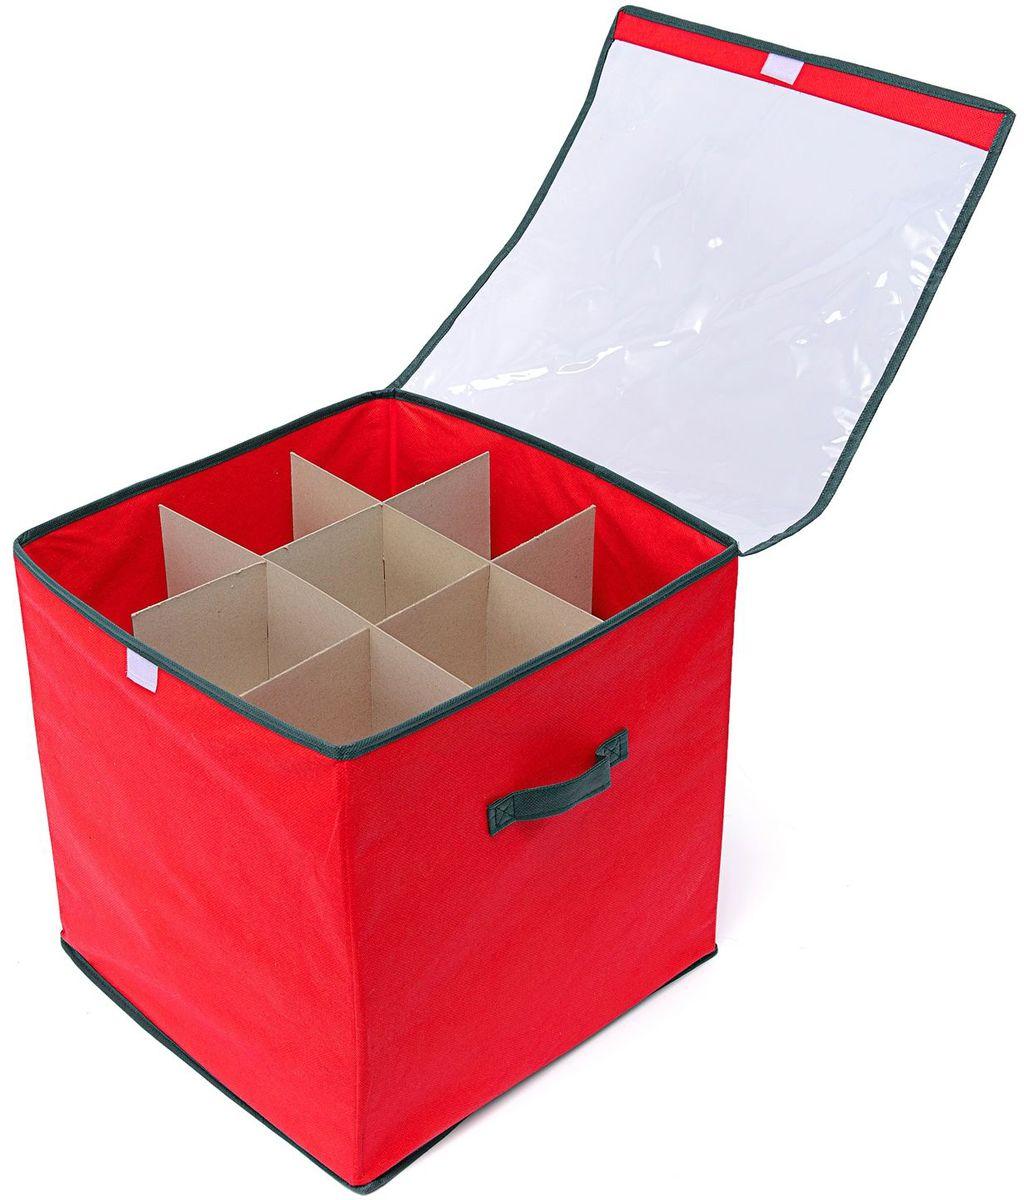 Коробка с делениями Homsu New Year, 30х40х25 см, цвет: красныйS03301004Коробка с крышкой оптимального размера 30х40х25 см, оснащена делениями из картона, прекрасно подходит для хранения ёлочных шаров и других украшений. Выполнена в традиционной новогодней расцветке. Размер изделия: 30х40х25см.